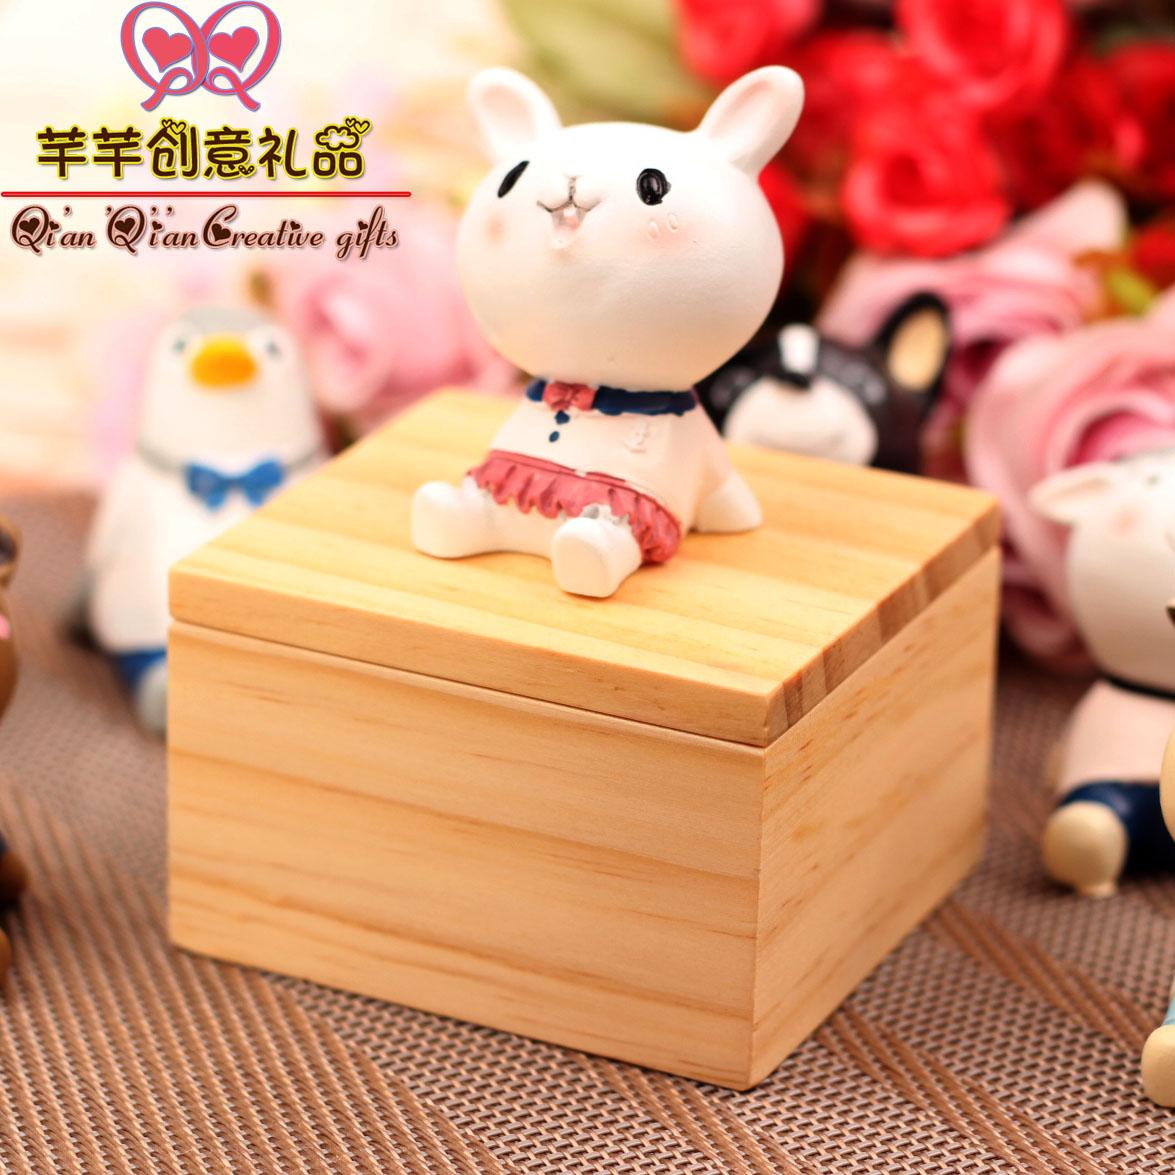 刻字八音盒精品木质萌宠小动物发条音乐盒男女生日礼物儿童爱情创